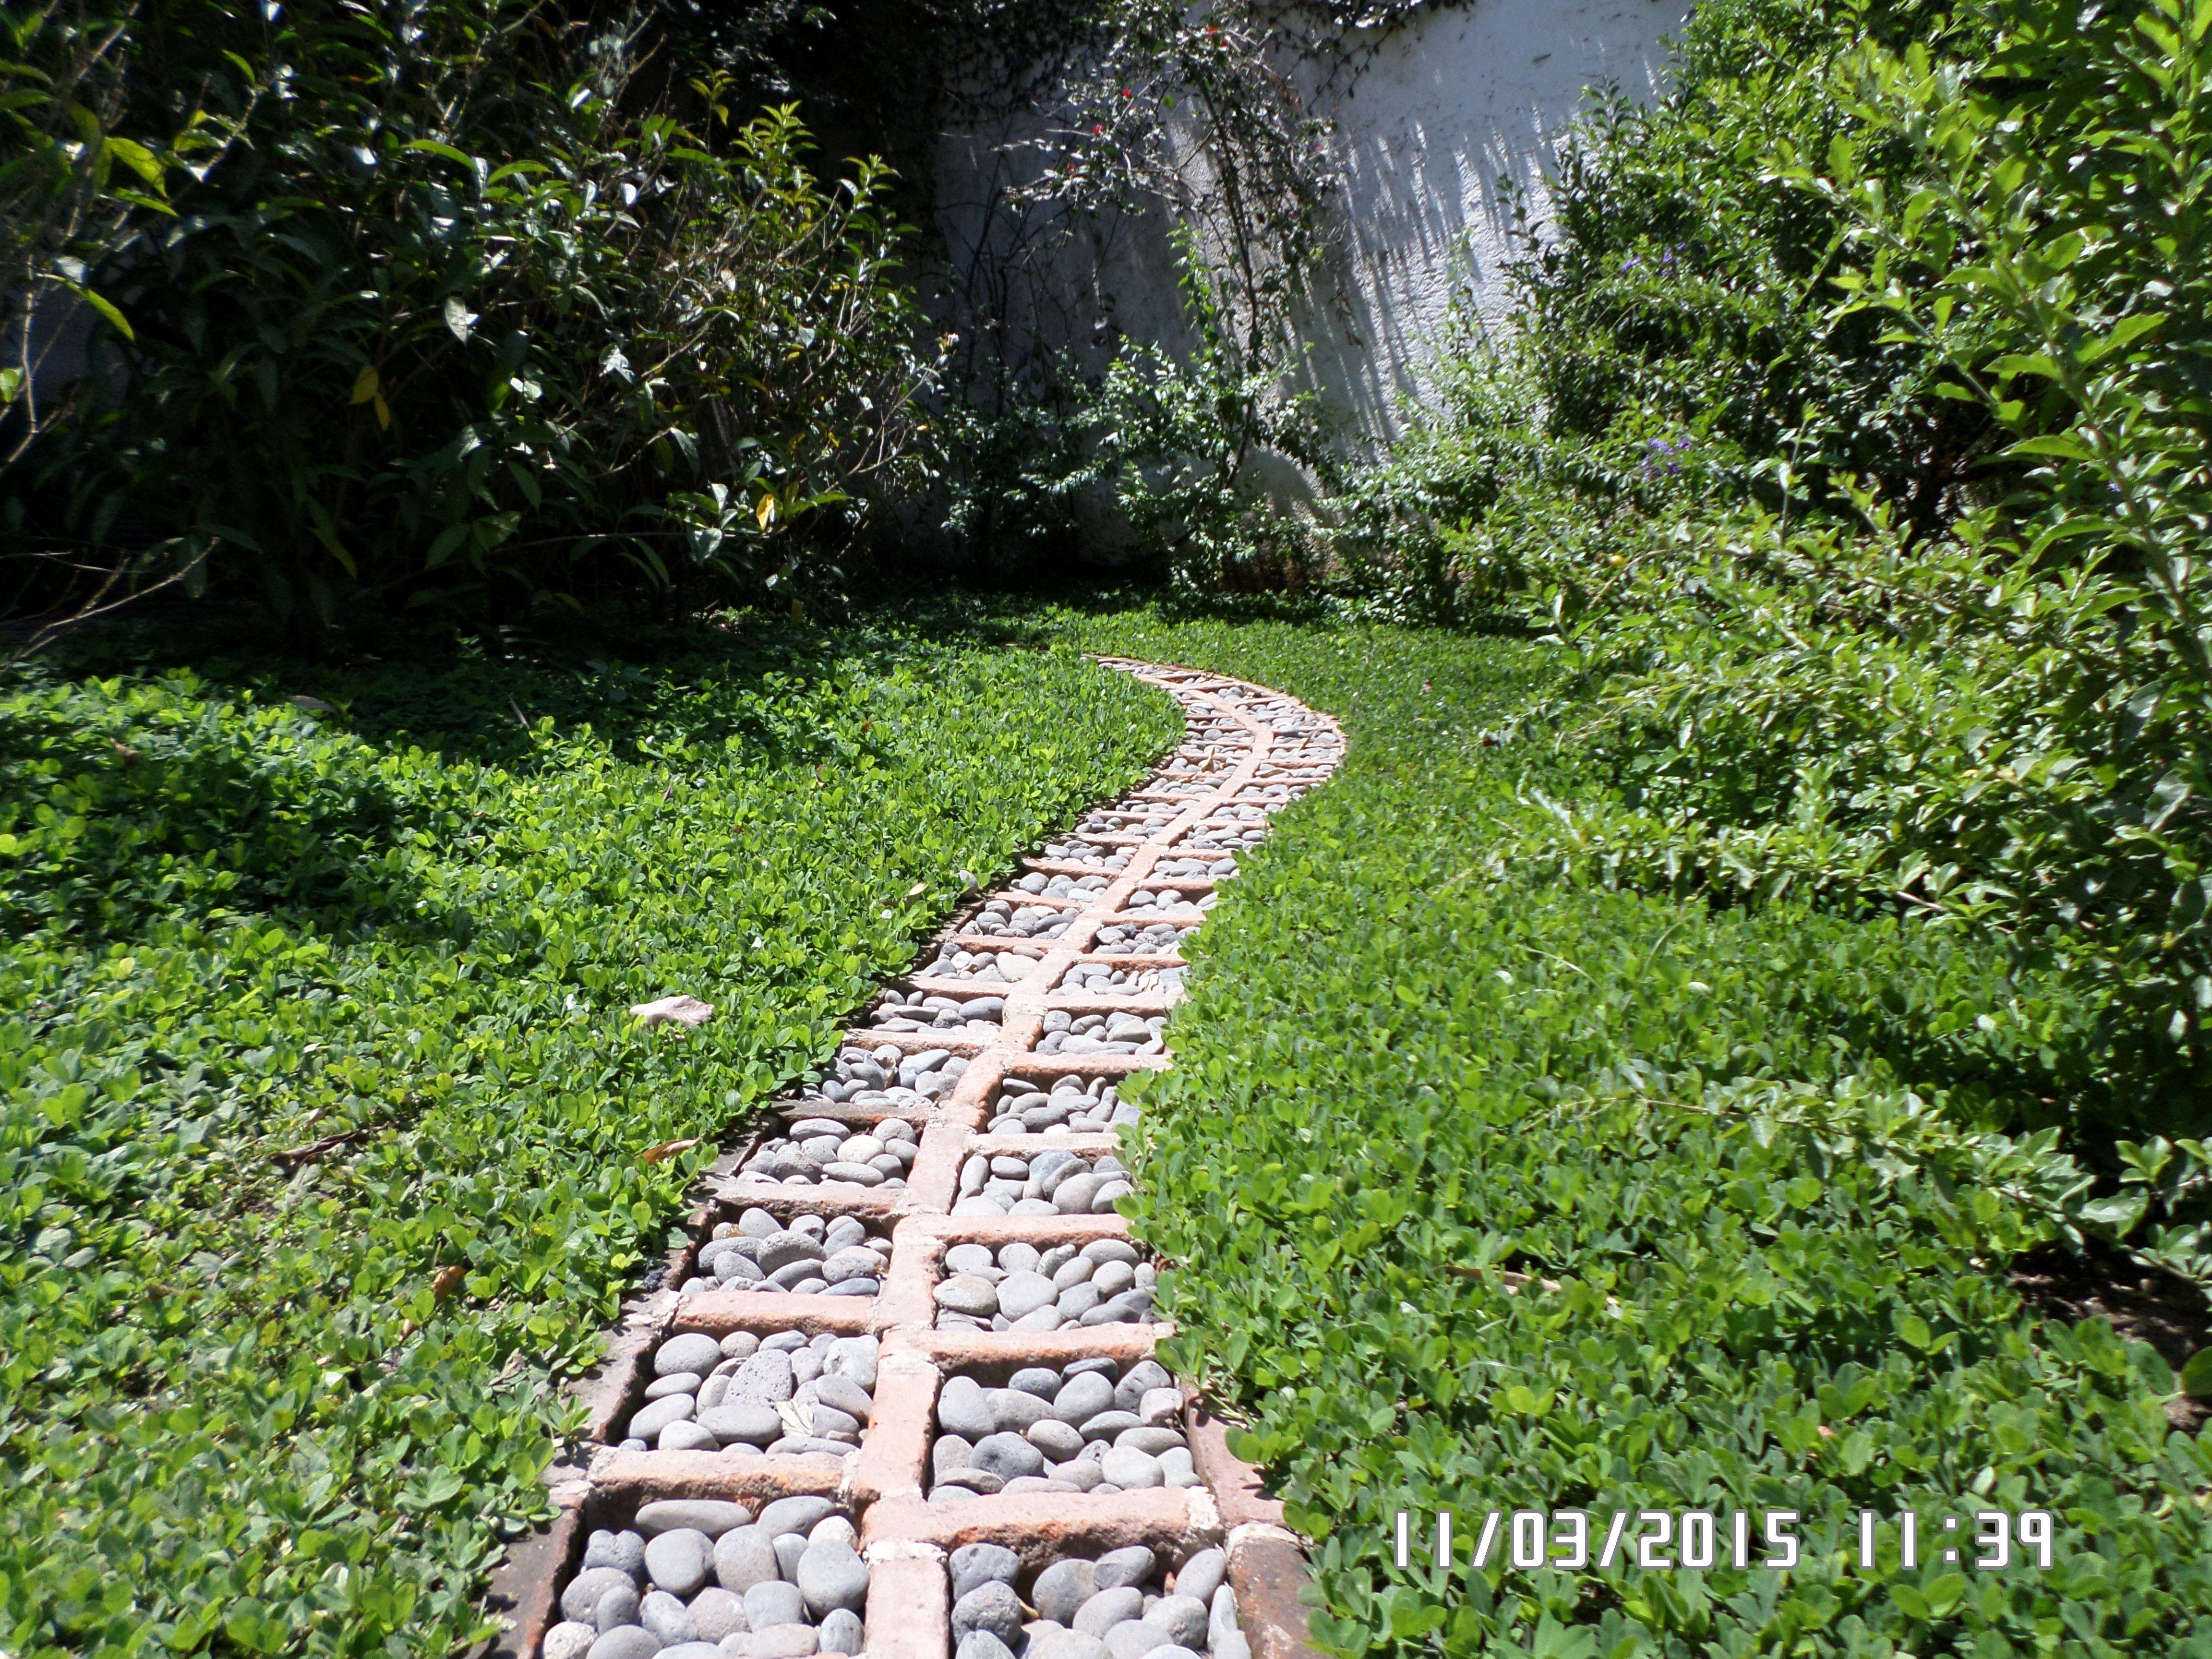 Camino de piedra de canto rodado y ladrillo artesanal 8 for Camino de piedras para jardin